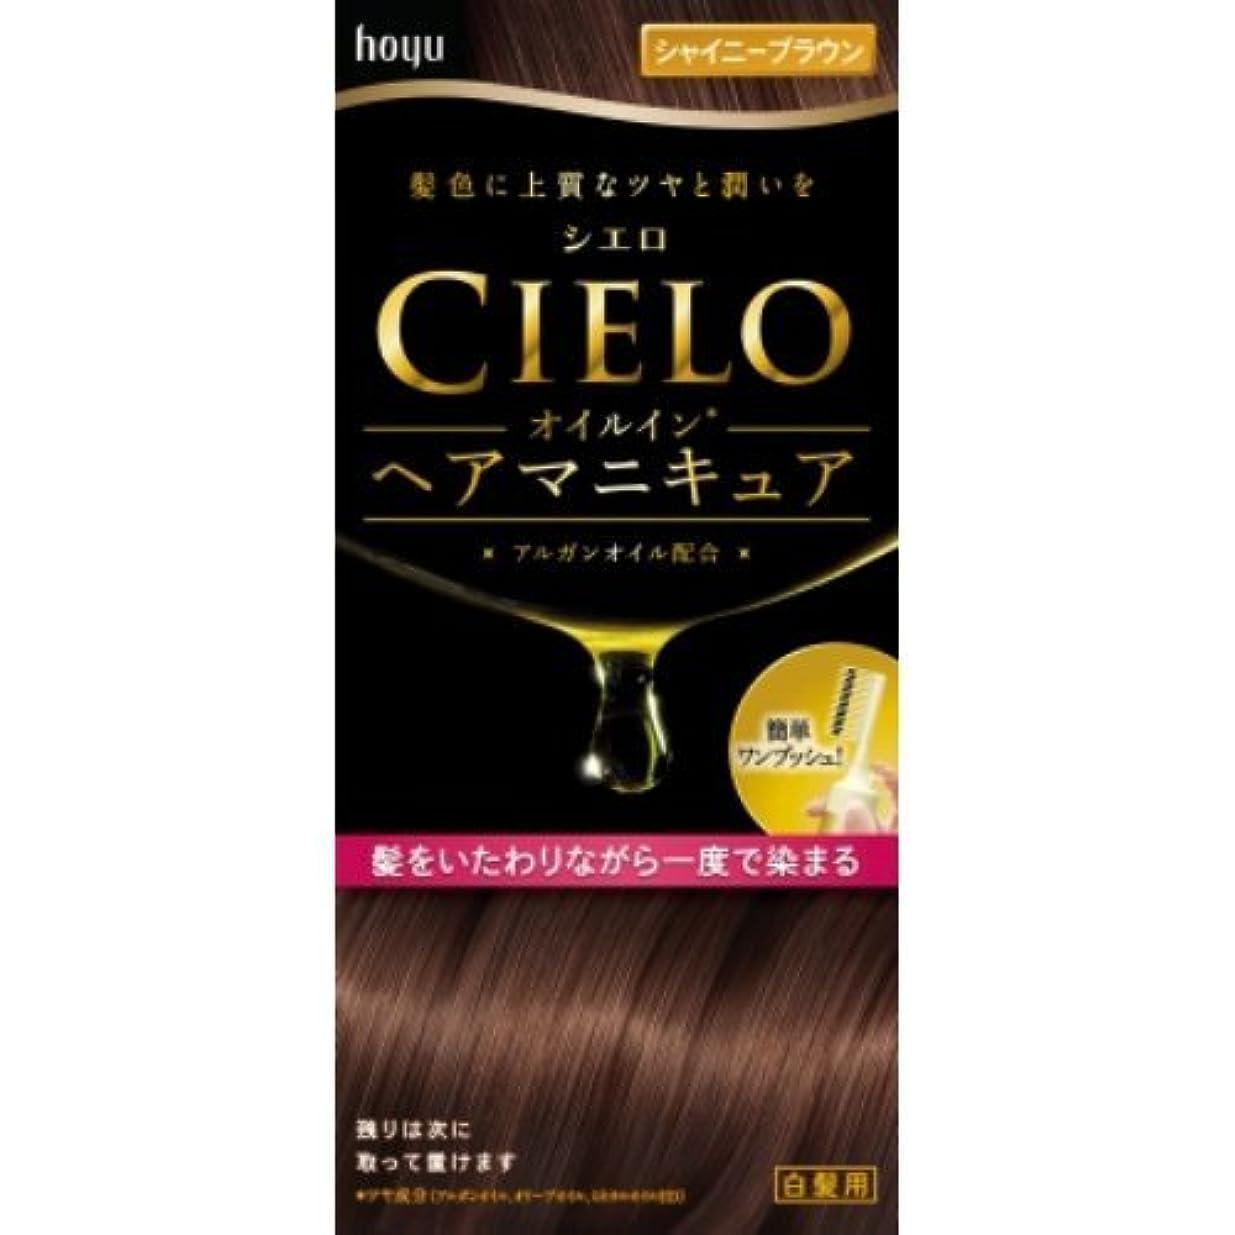 セーブアクセル電気のシエロ オイルインヘアマニキュア シャイニーブラウン × 5個セット